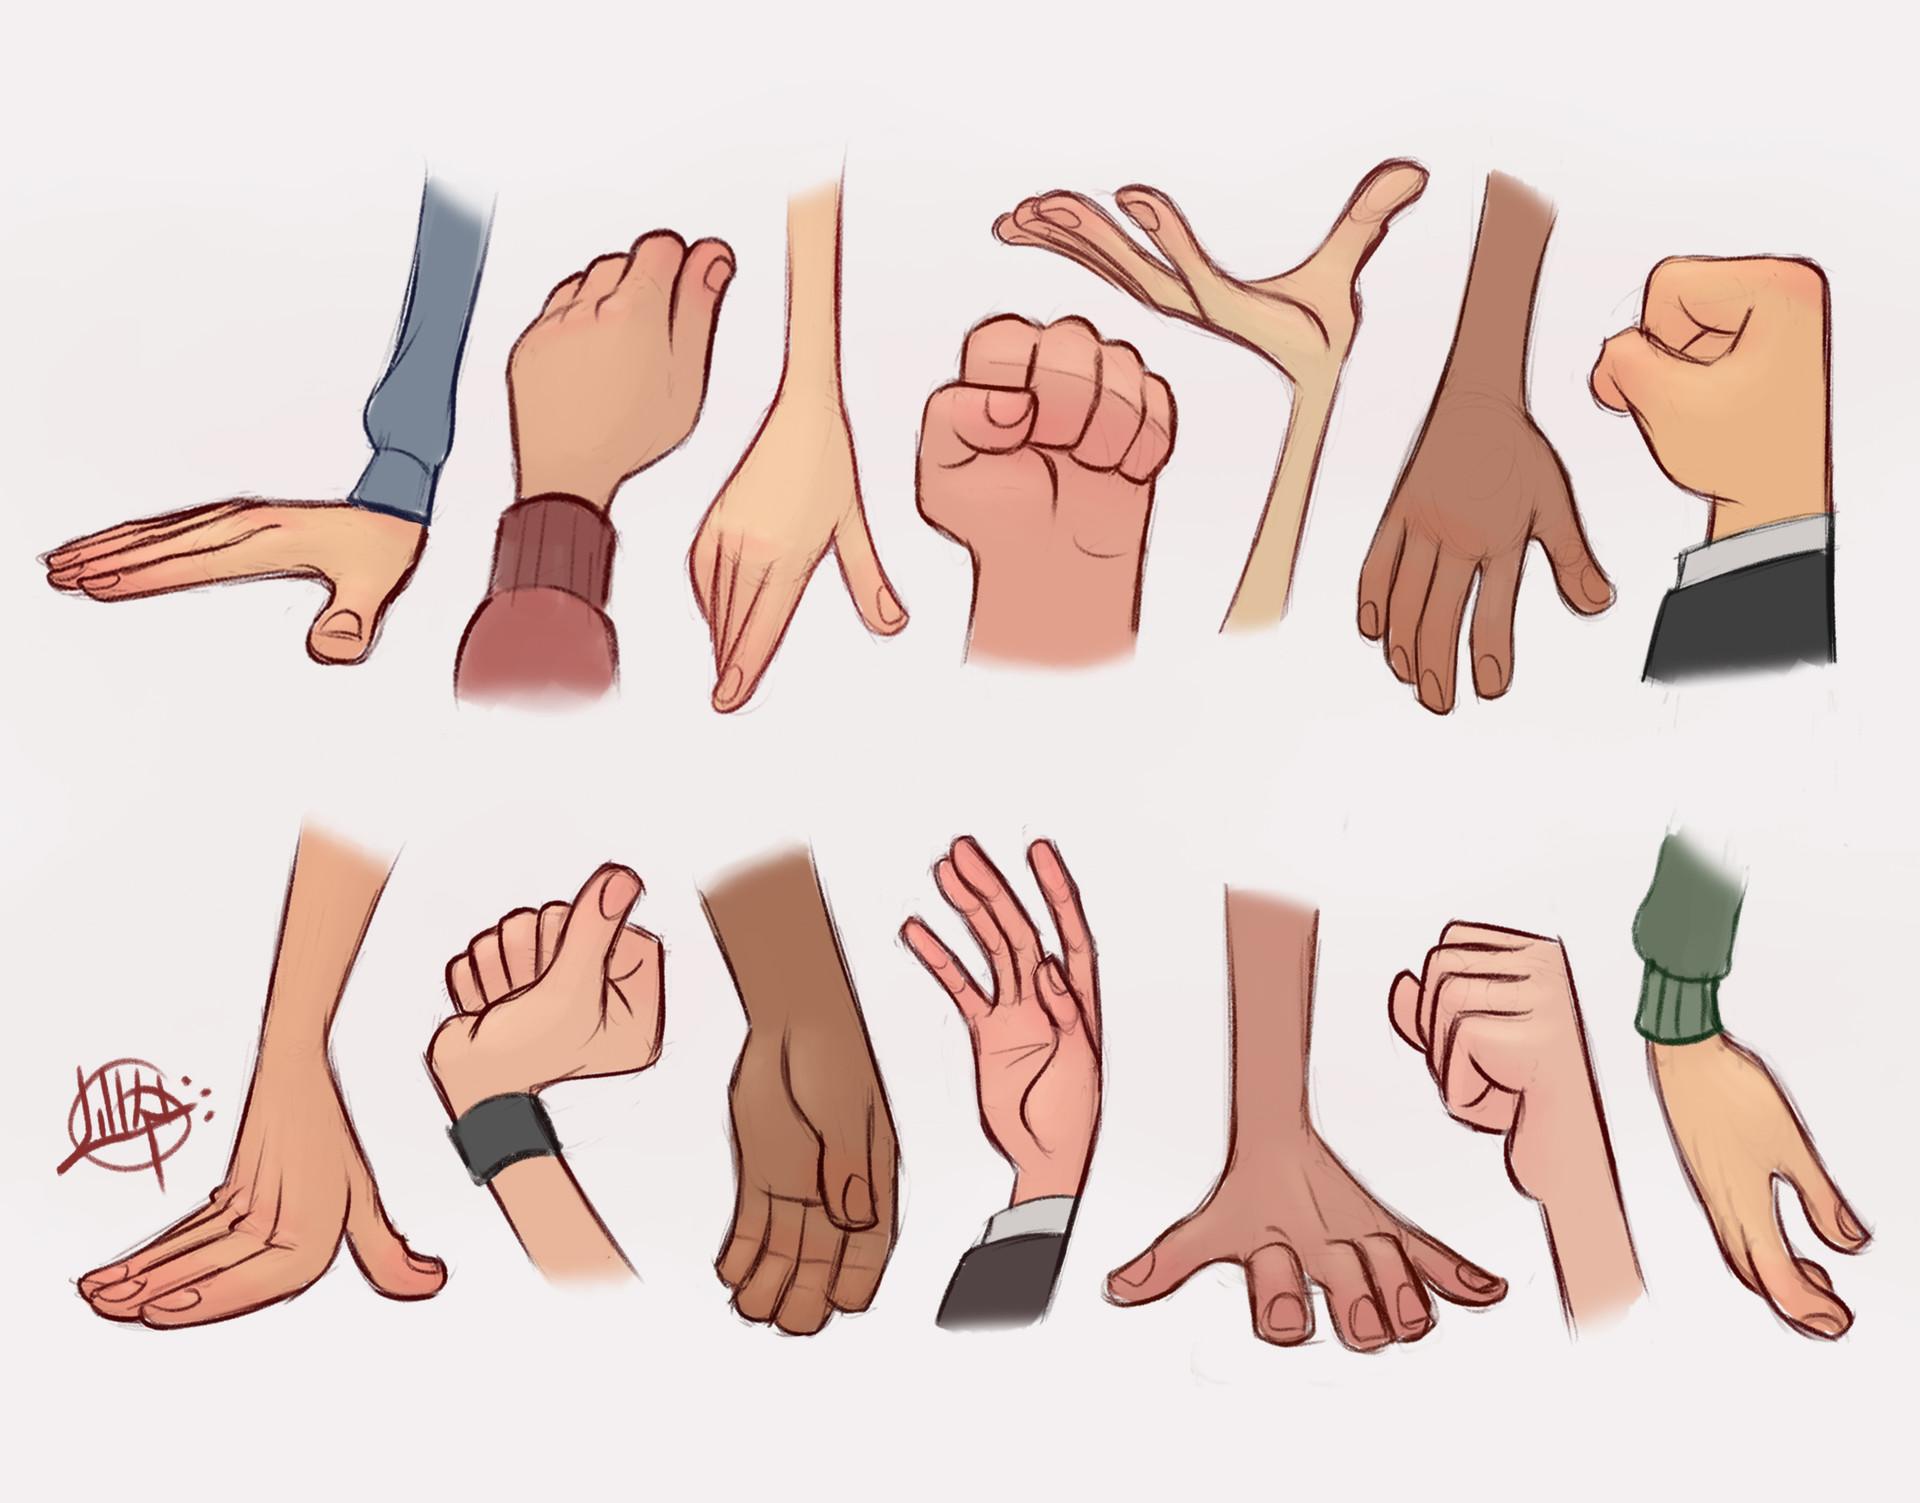 Luigi lucarelli hands